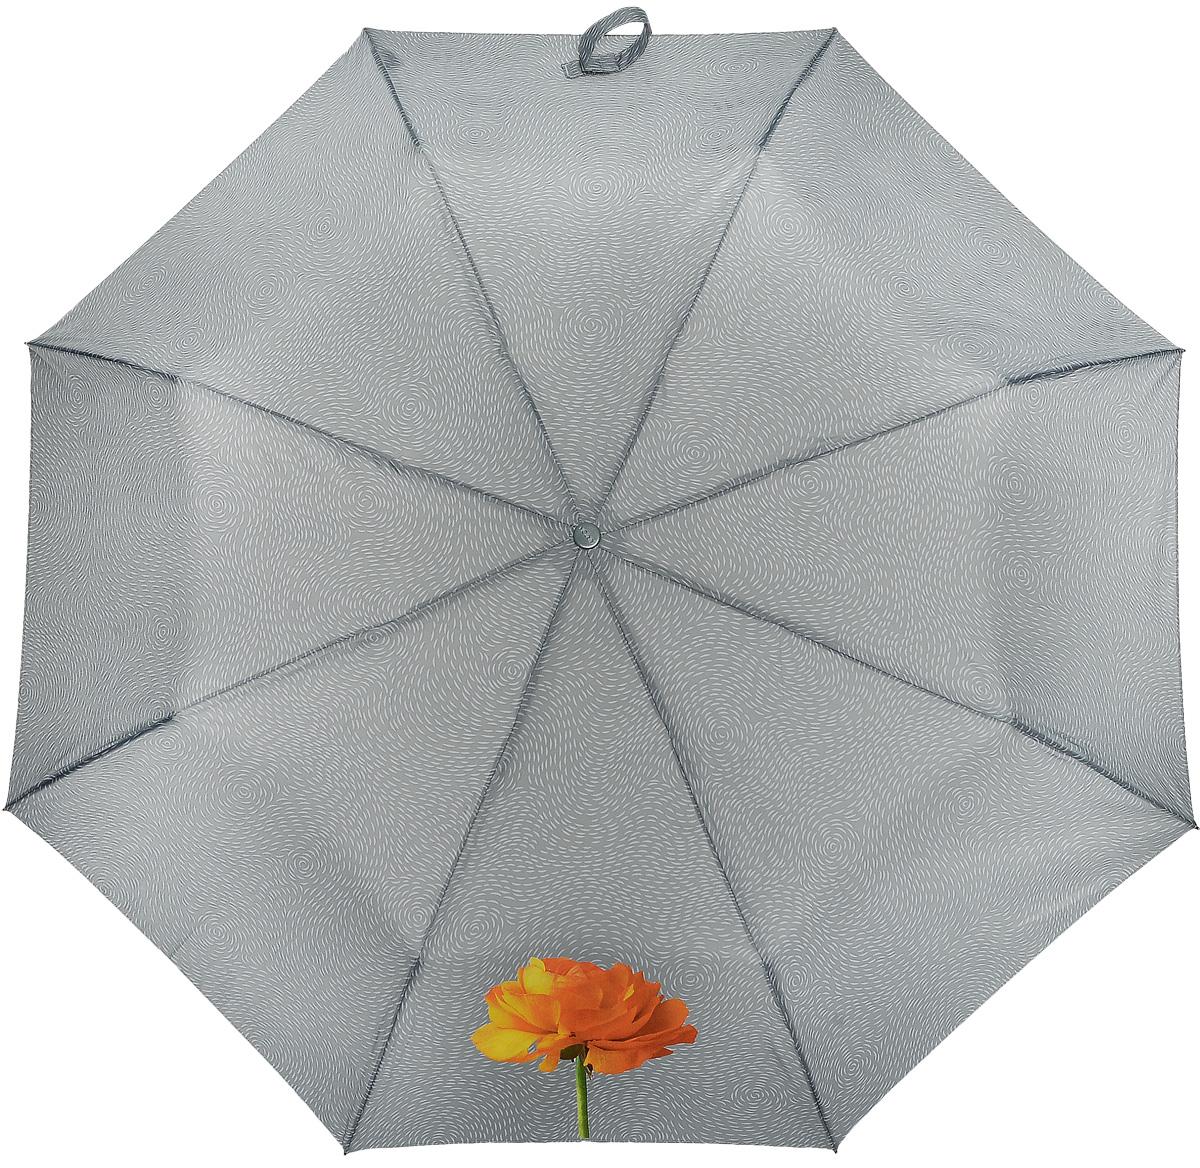 Зонт женский Airton, механический, 3 сложения, цвет: серый, оранжевый. 3511-18345100948B/32793/5900NКлассический женский зонт Airton в 3 сложения имеет механическую систему открытия и закрытия.Каркас зонта выполнен из восьми спиц на прочном стержне. Купол зонта изготовлен из прочного полиэстера. Практичная рукоятка закругленной формы разработана с учетом требований эргономики и выполнена из качественного пластика с противоскользящей обработкой.Такой зонт оснащен системой антиветер, которая позволяет спицам при порывах ветрах выгибаться наизнанку, и при этом не ломаться. К зонту прилагается чехол.